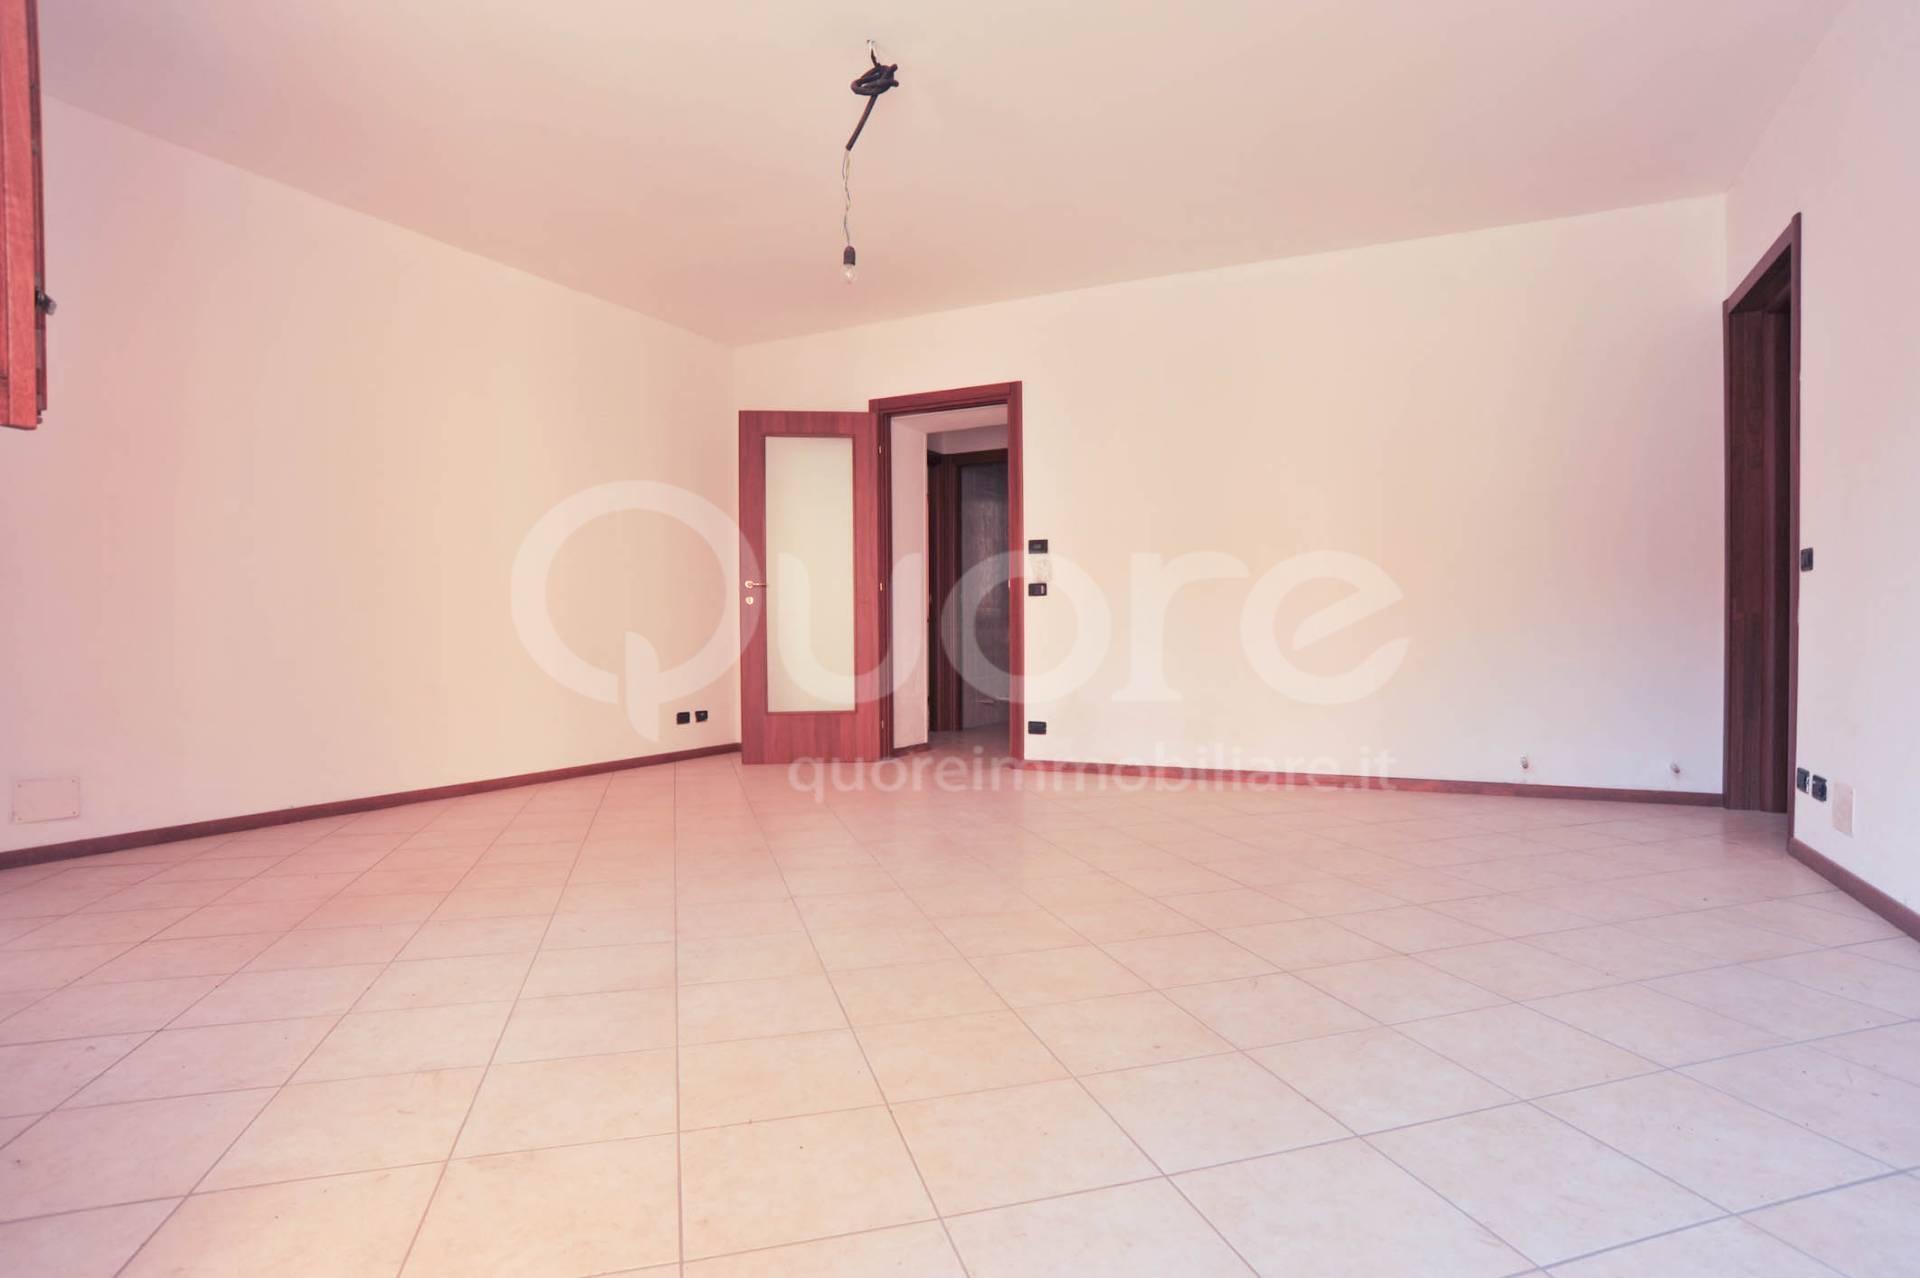 Appartamento in vendita a Basiliano, 4 locali, prezzo € 99.000 | CambioCasa.it